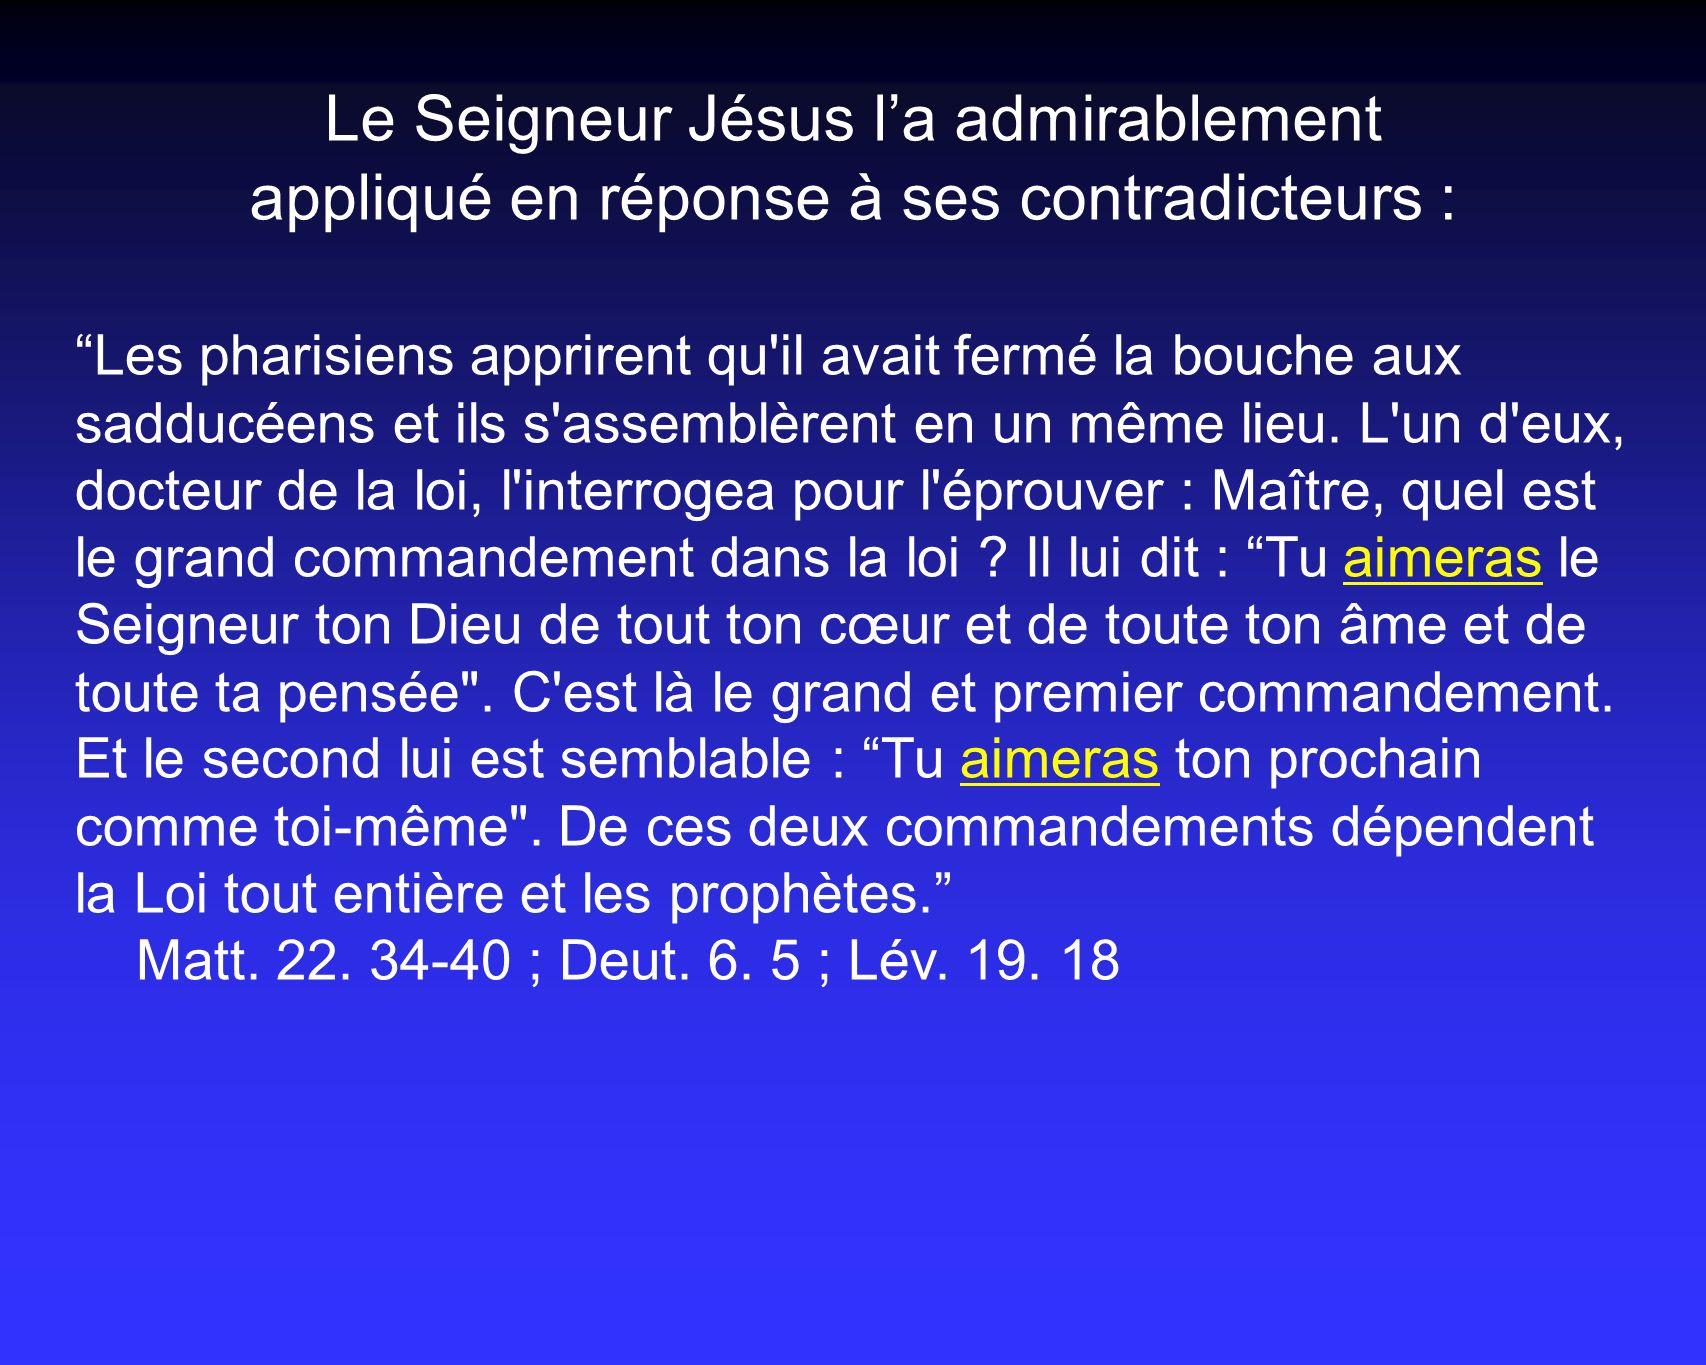 Le Seigneur Jésus la admirablement appliqué en réponse à ses contradicteurs : Les pharisiens apprirent qu'il avait fermé la bouche aux sadducéens et i